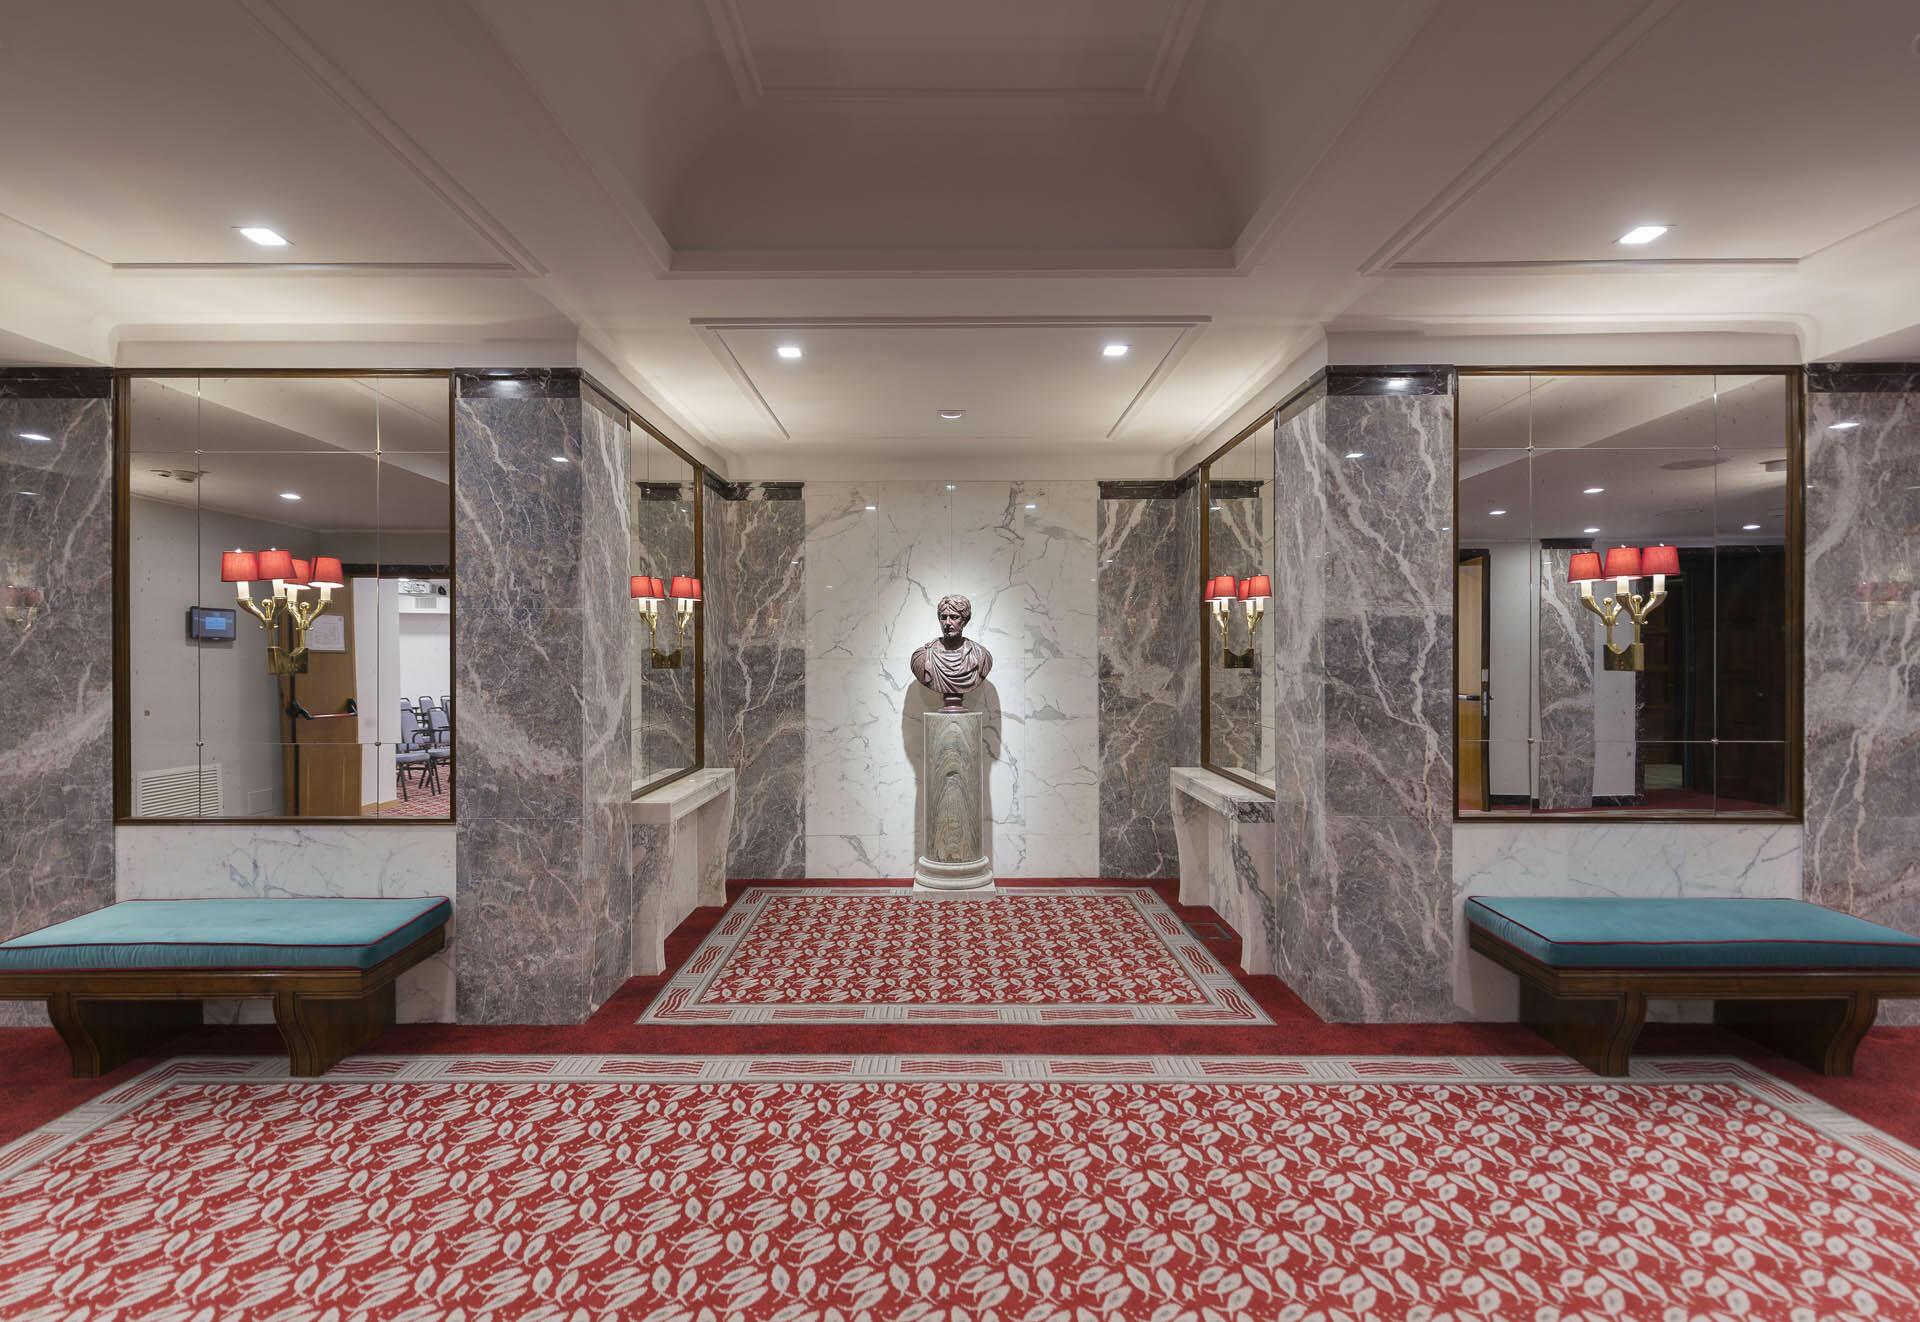 Bettoja Hotel | Soggiorno Roma Centro offerte | Hotel ...